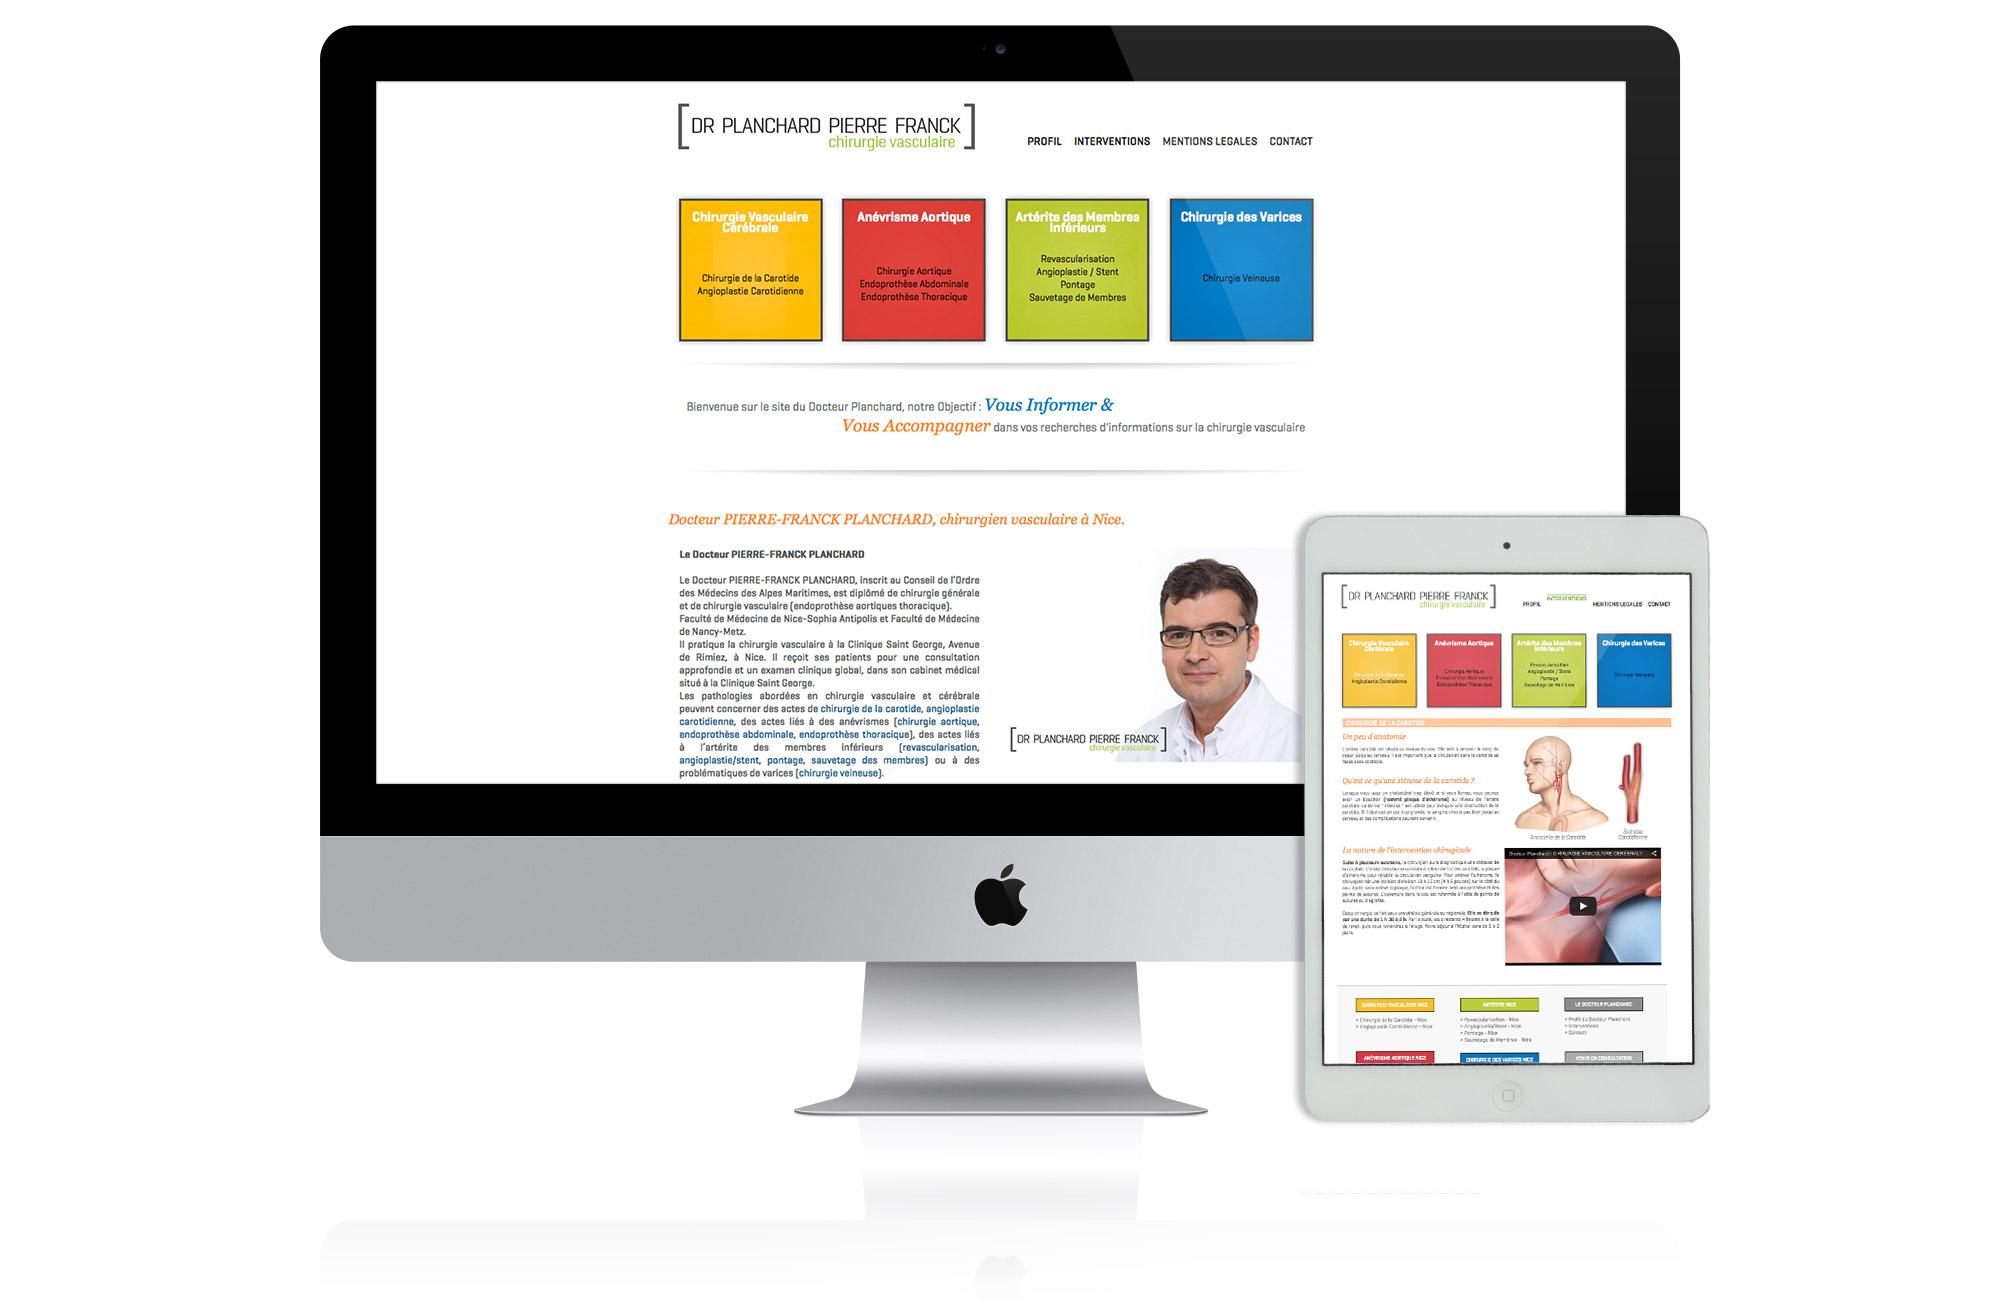 création site web docteur planchard